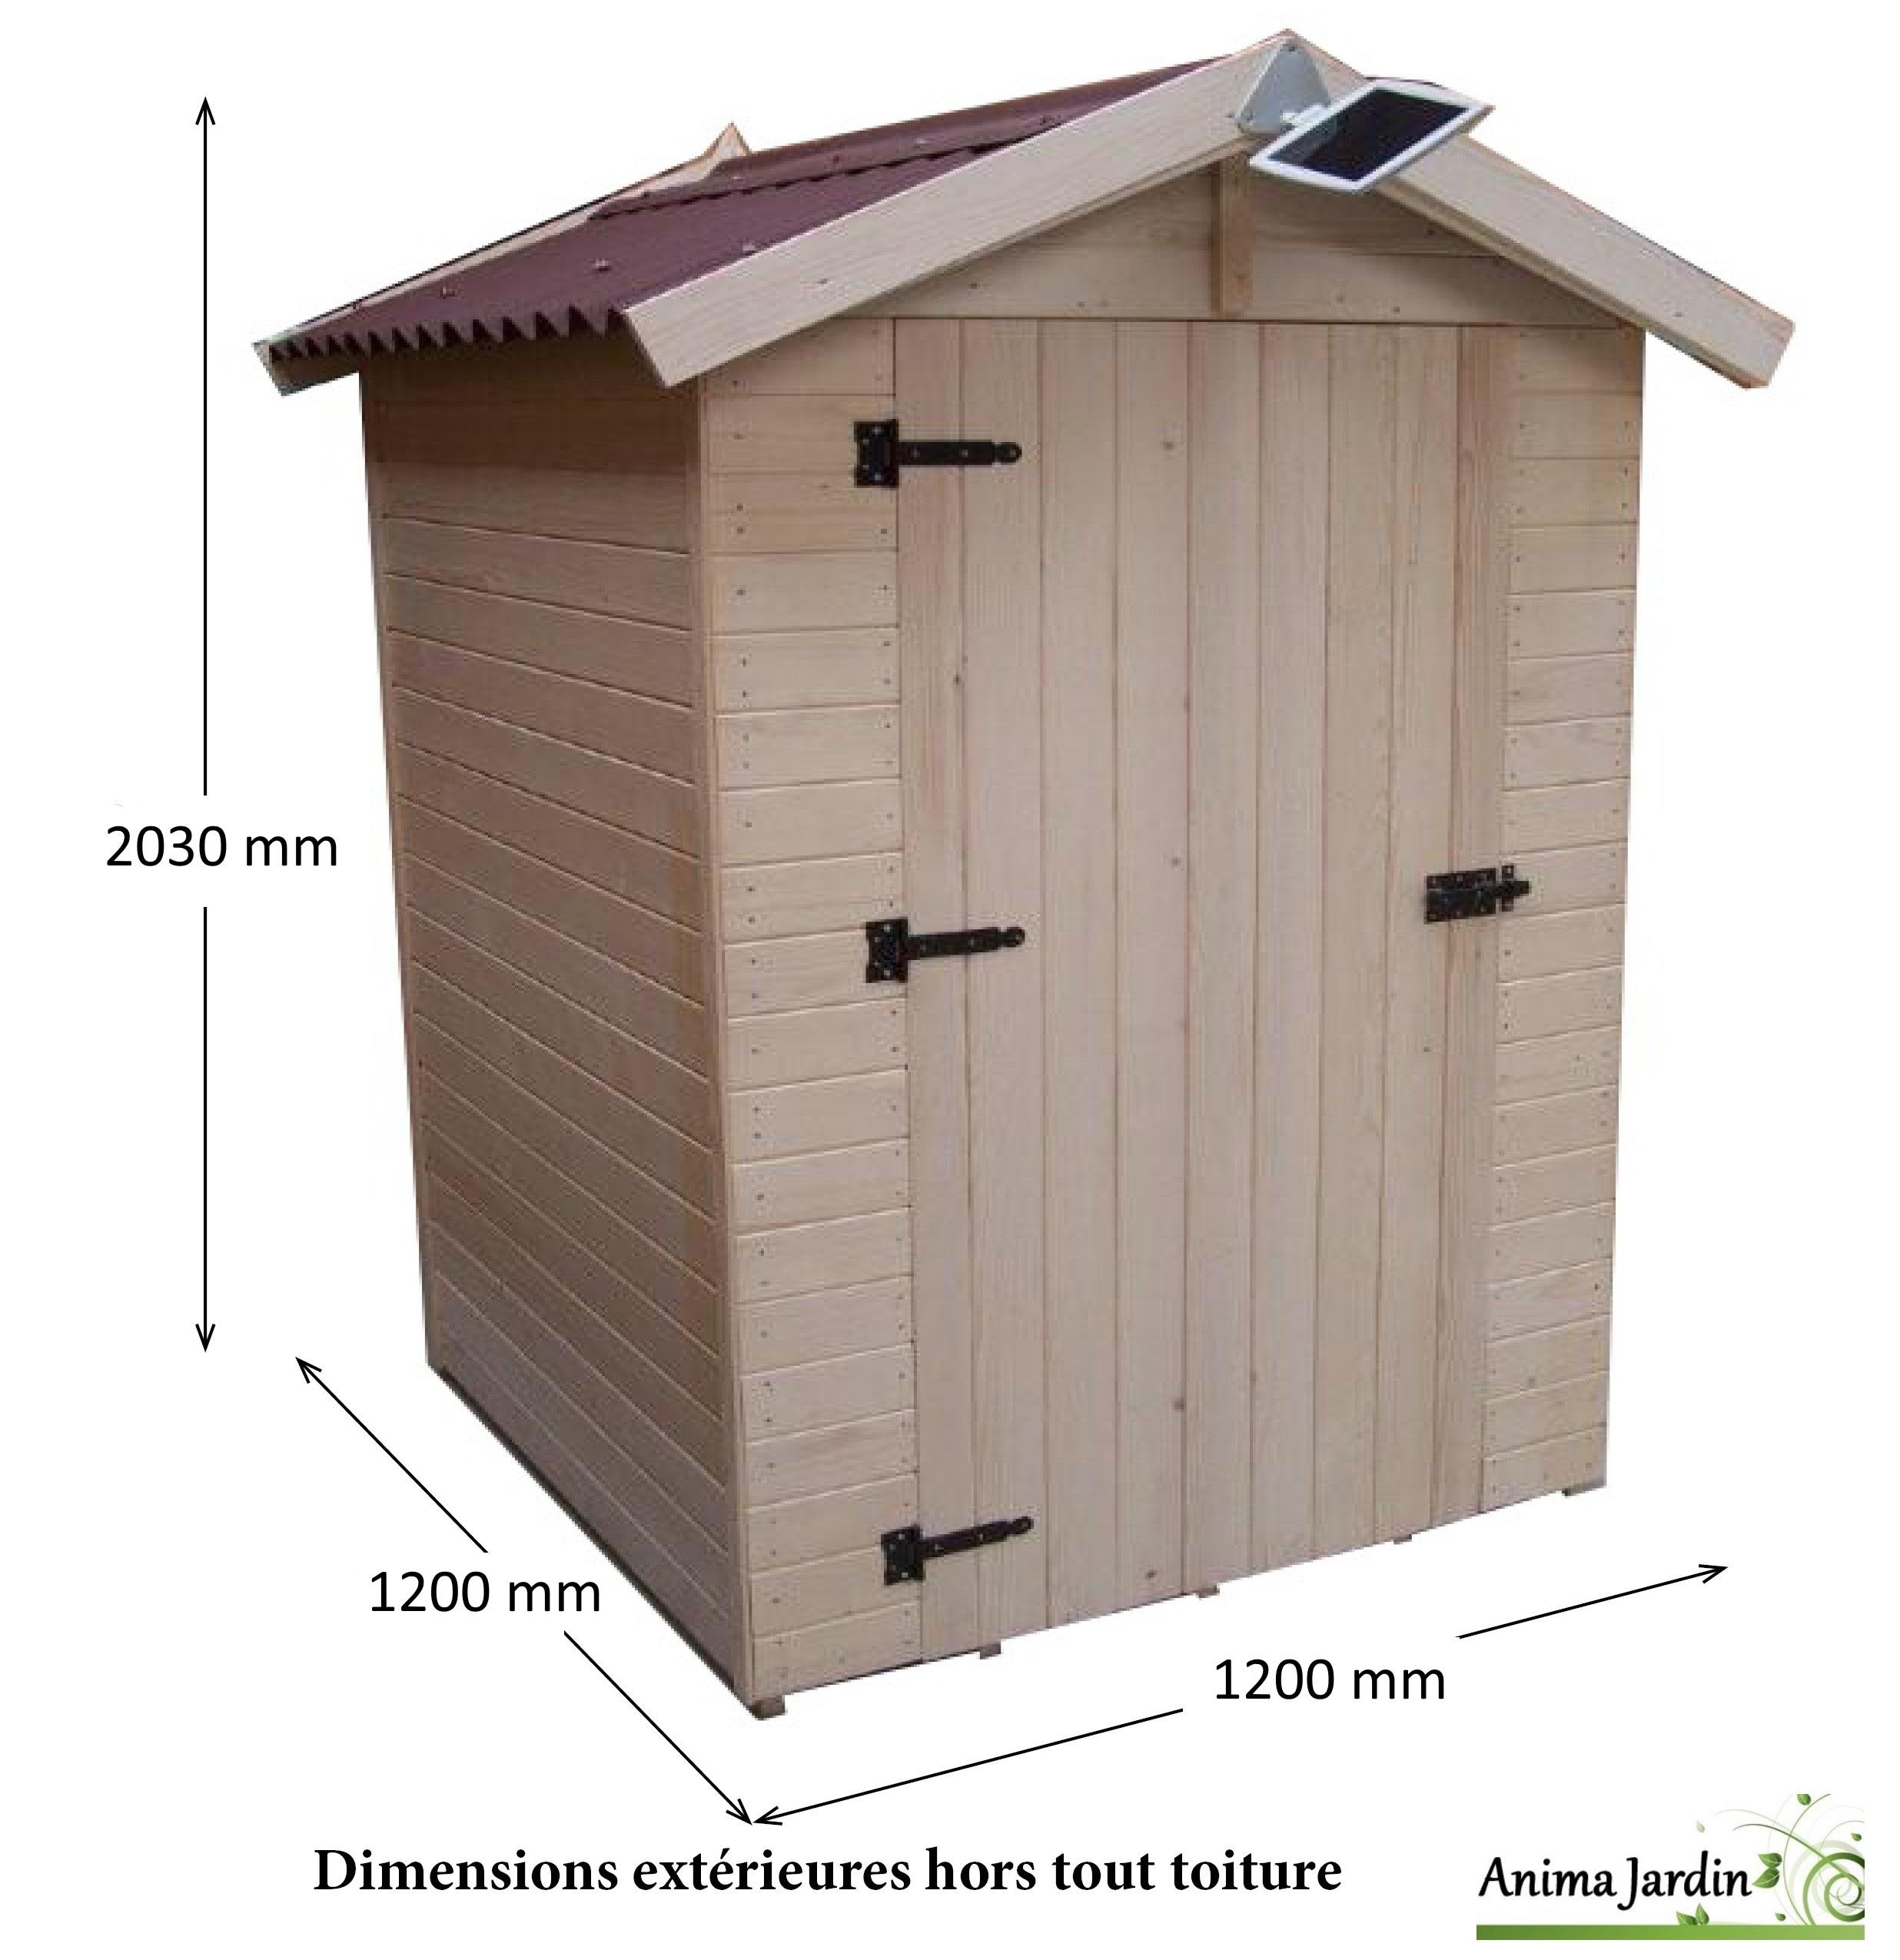 Fabriquer Un Abri Pour Velo toilettes sèches en bois avec sciure, abri extérieur, prix